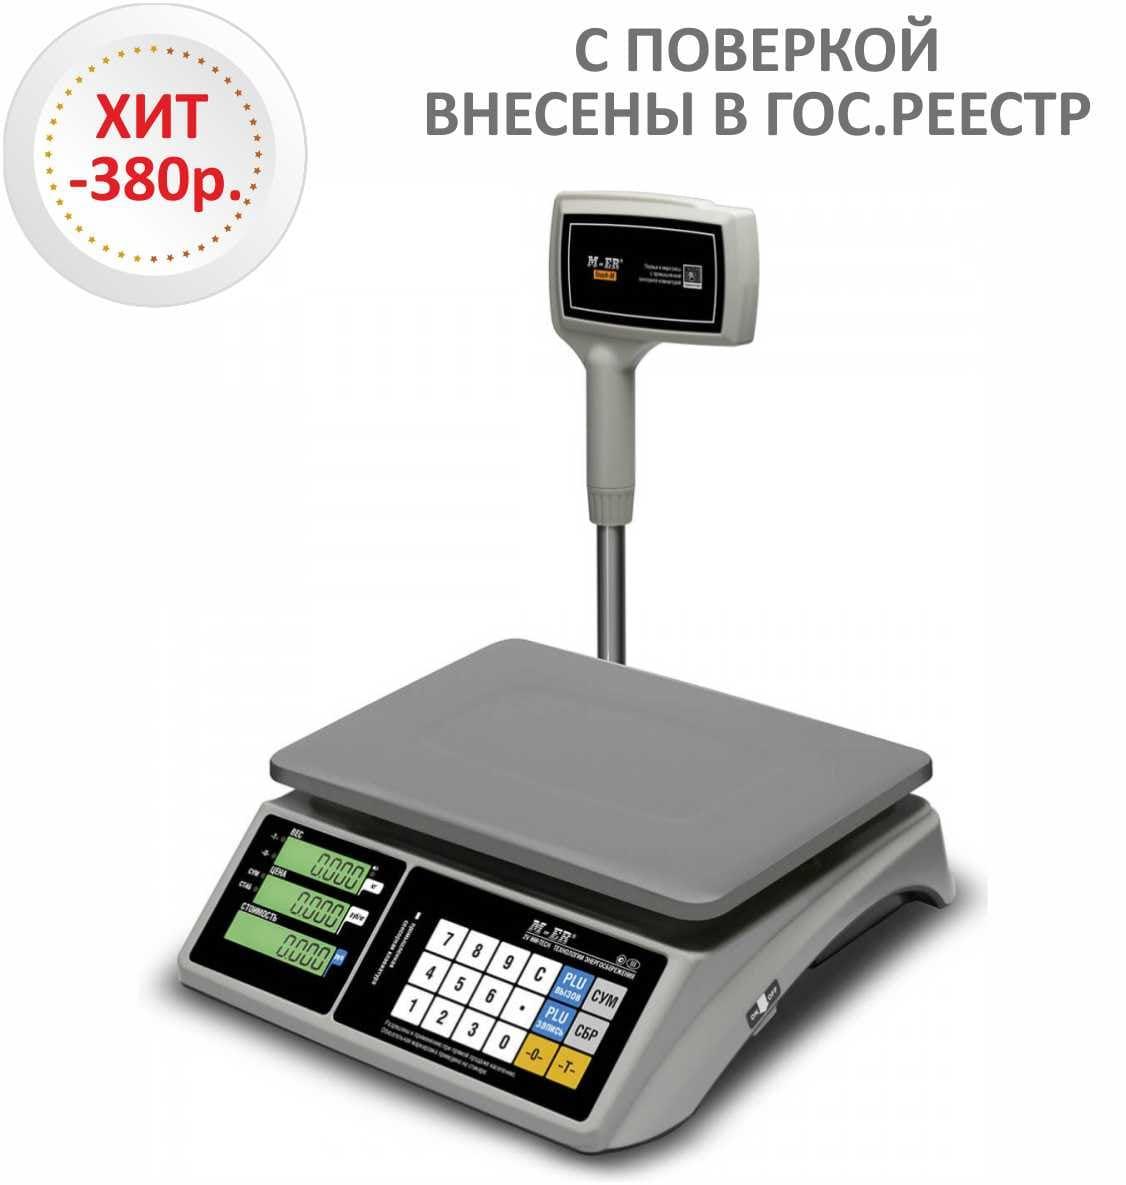 Весы торговые настольные со стойкой M-ER 328ACPX-15.2/32.5 TOUCH-M LCD/LED - вид спереди